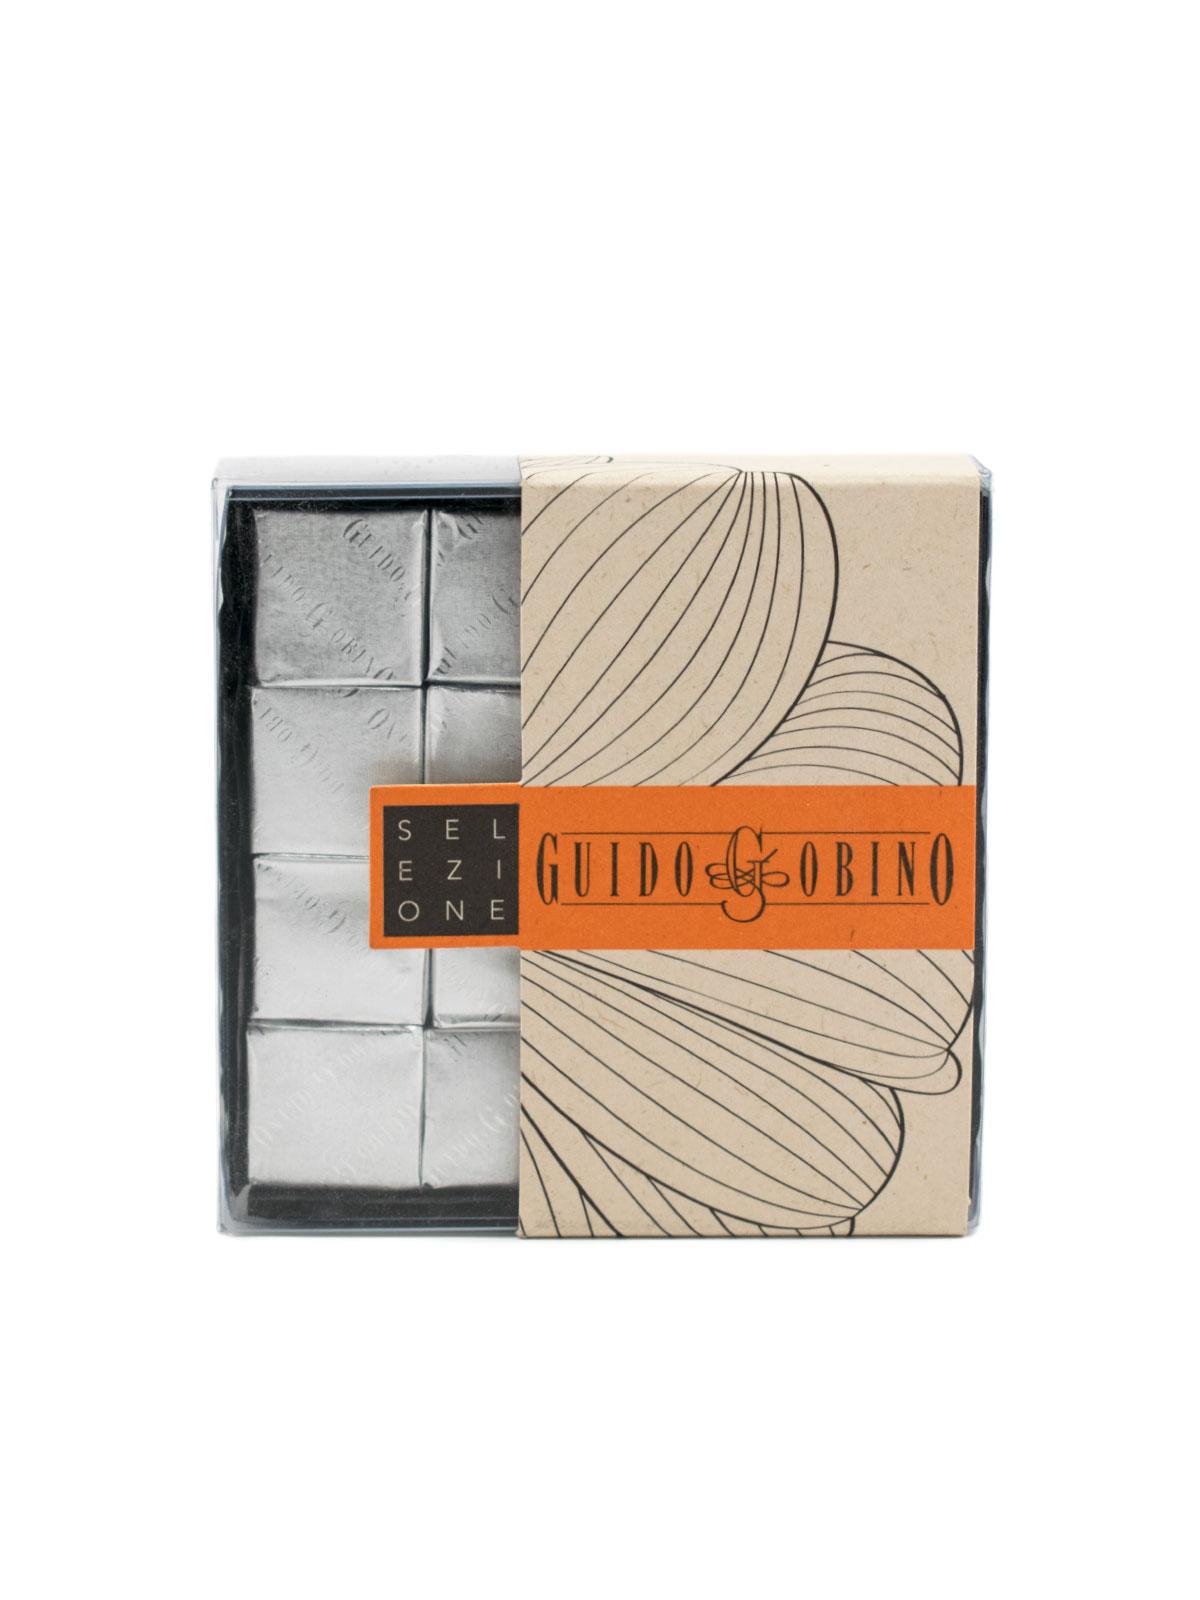 Mini Square Salted Cremino Chocolate - Sweets, Treats & Snacks - Buon'Italia